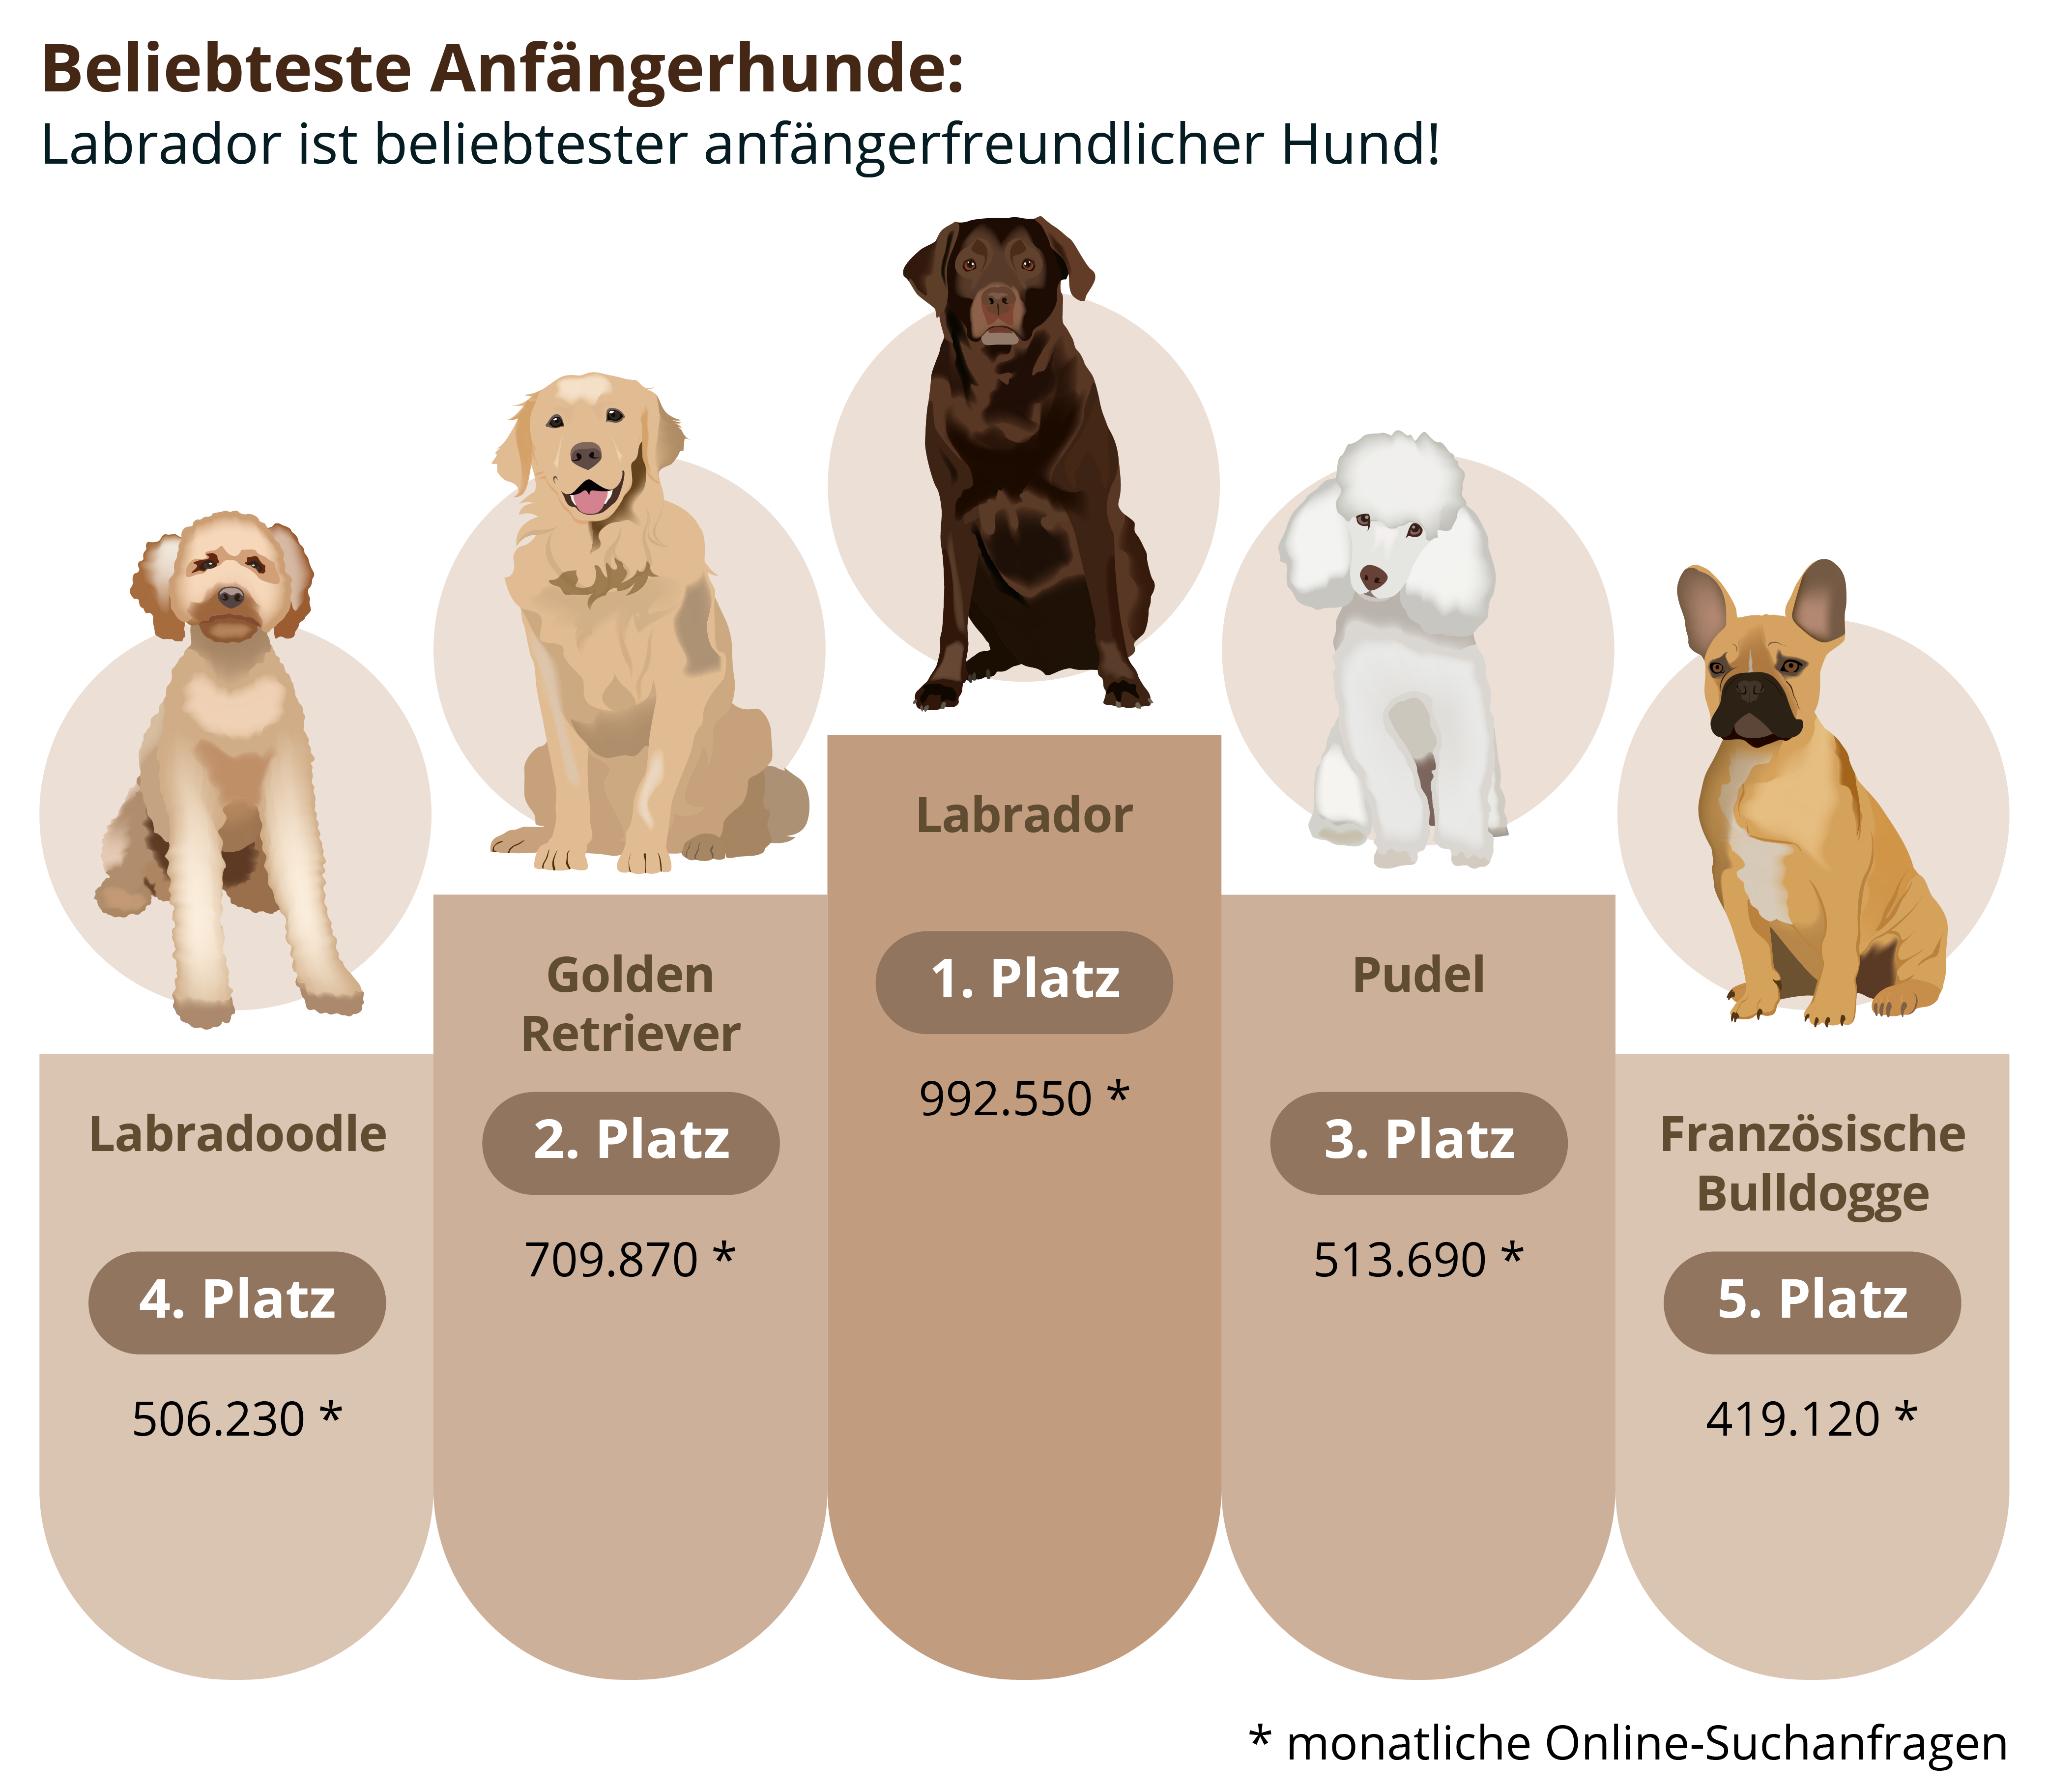 Top 5 der beliebtesten Anfängerhunde